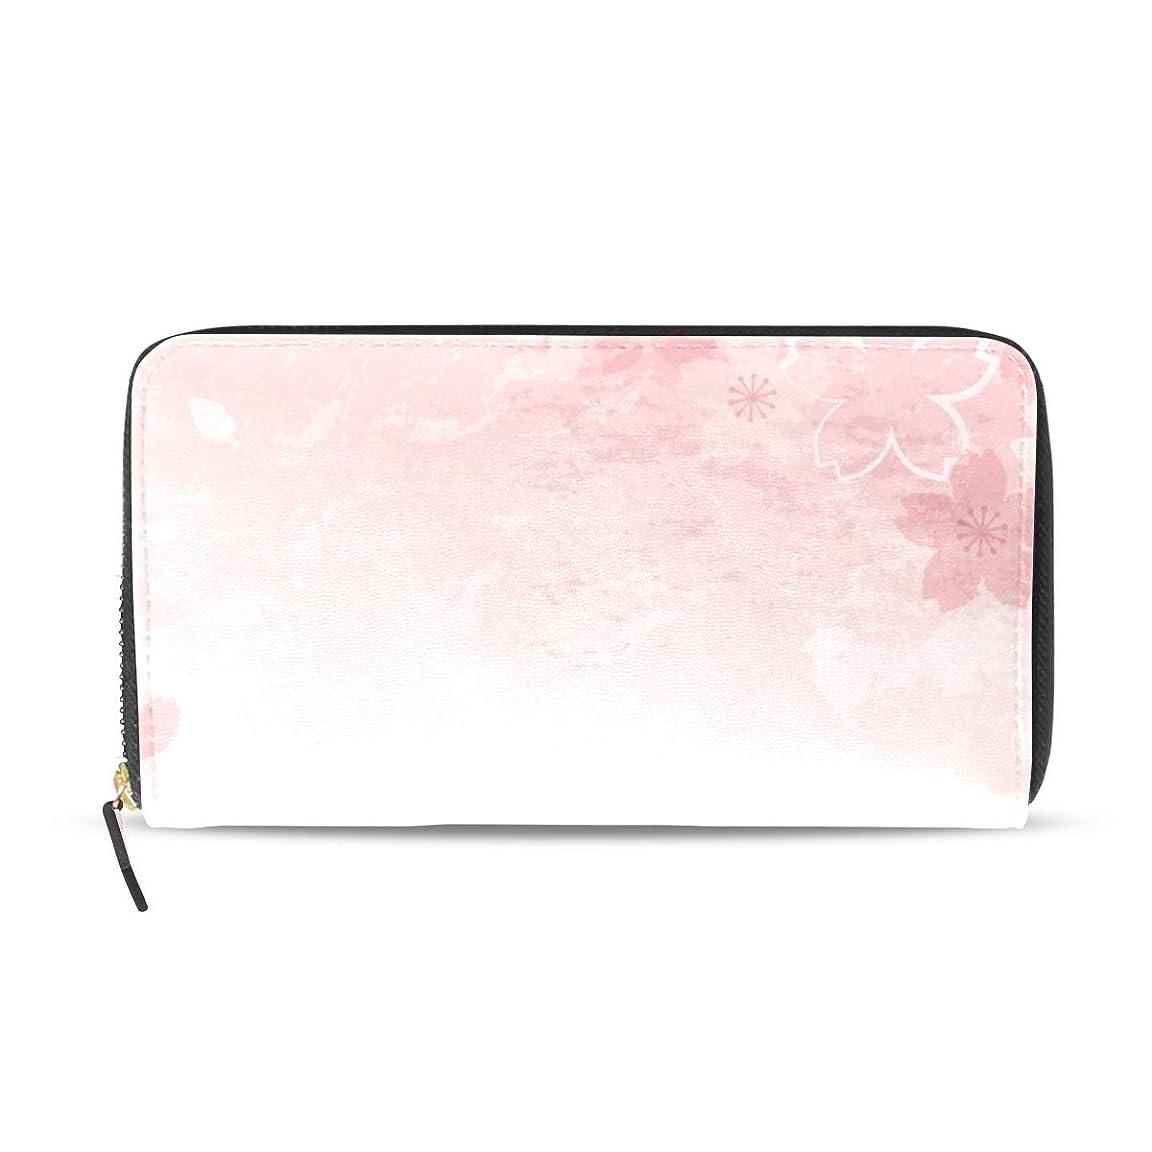 クリップ蝶超越する軽減する旅立の店 長財布 人気 レディース メンズ 大容量多機能 二つ折り ラウンドファスナー PUレザー さくら 桜の花 綺麗 ウォレット ブラック